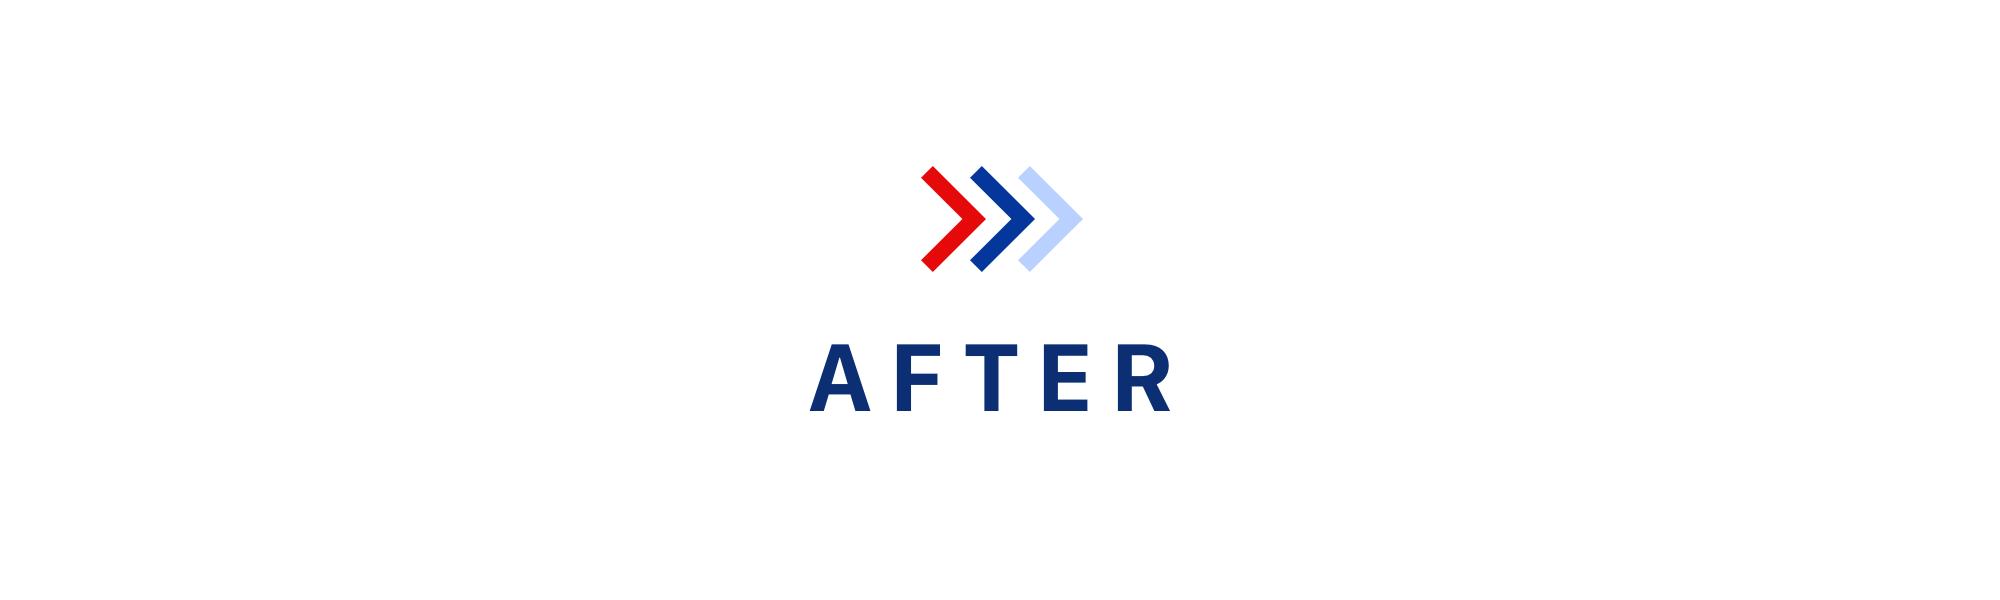 after.js